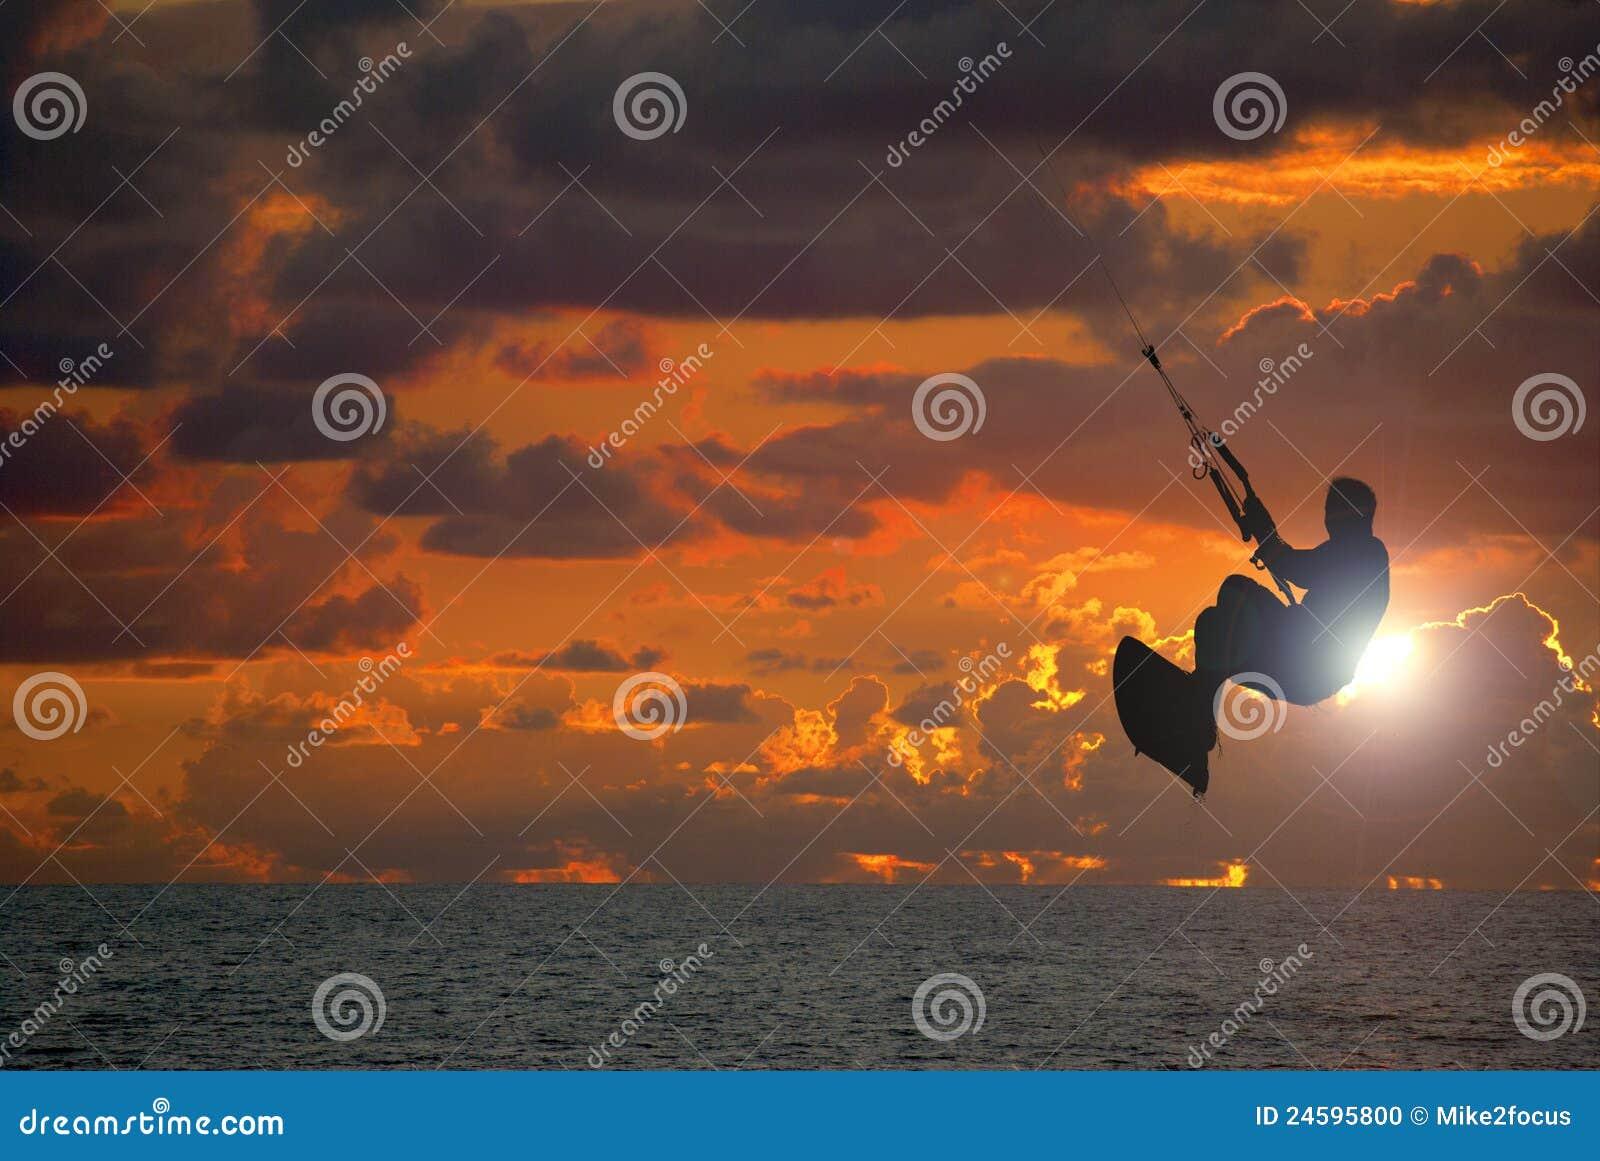 заниматься серфингом захода солнца змея